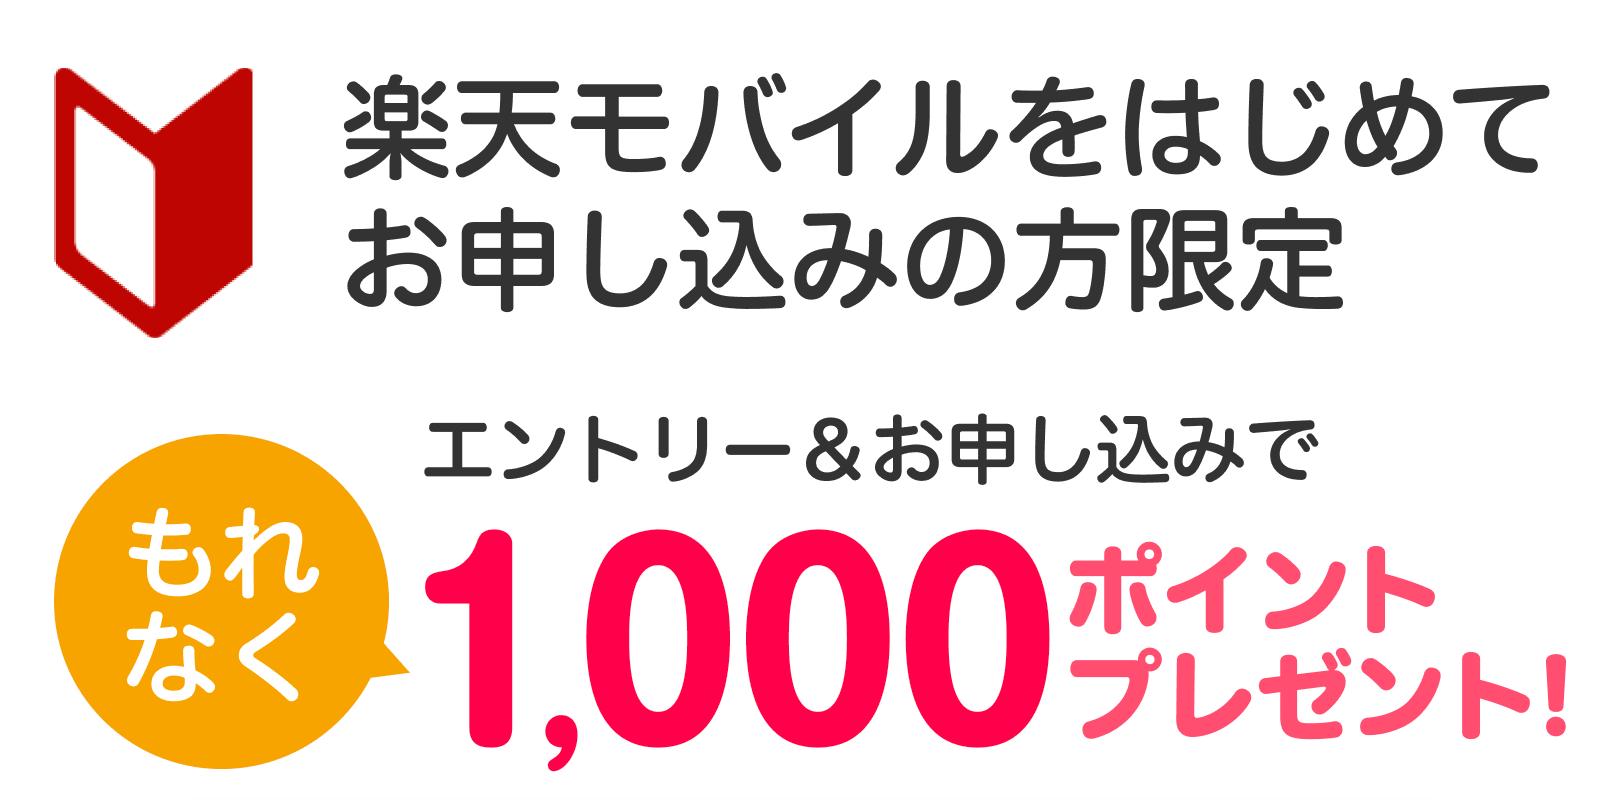 楽天モバイルを初めて申し込みで1,000ポイント還元